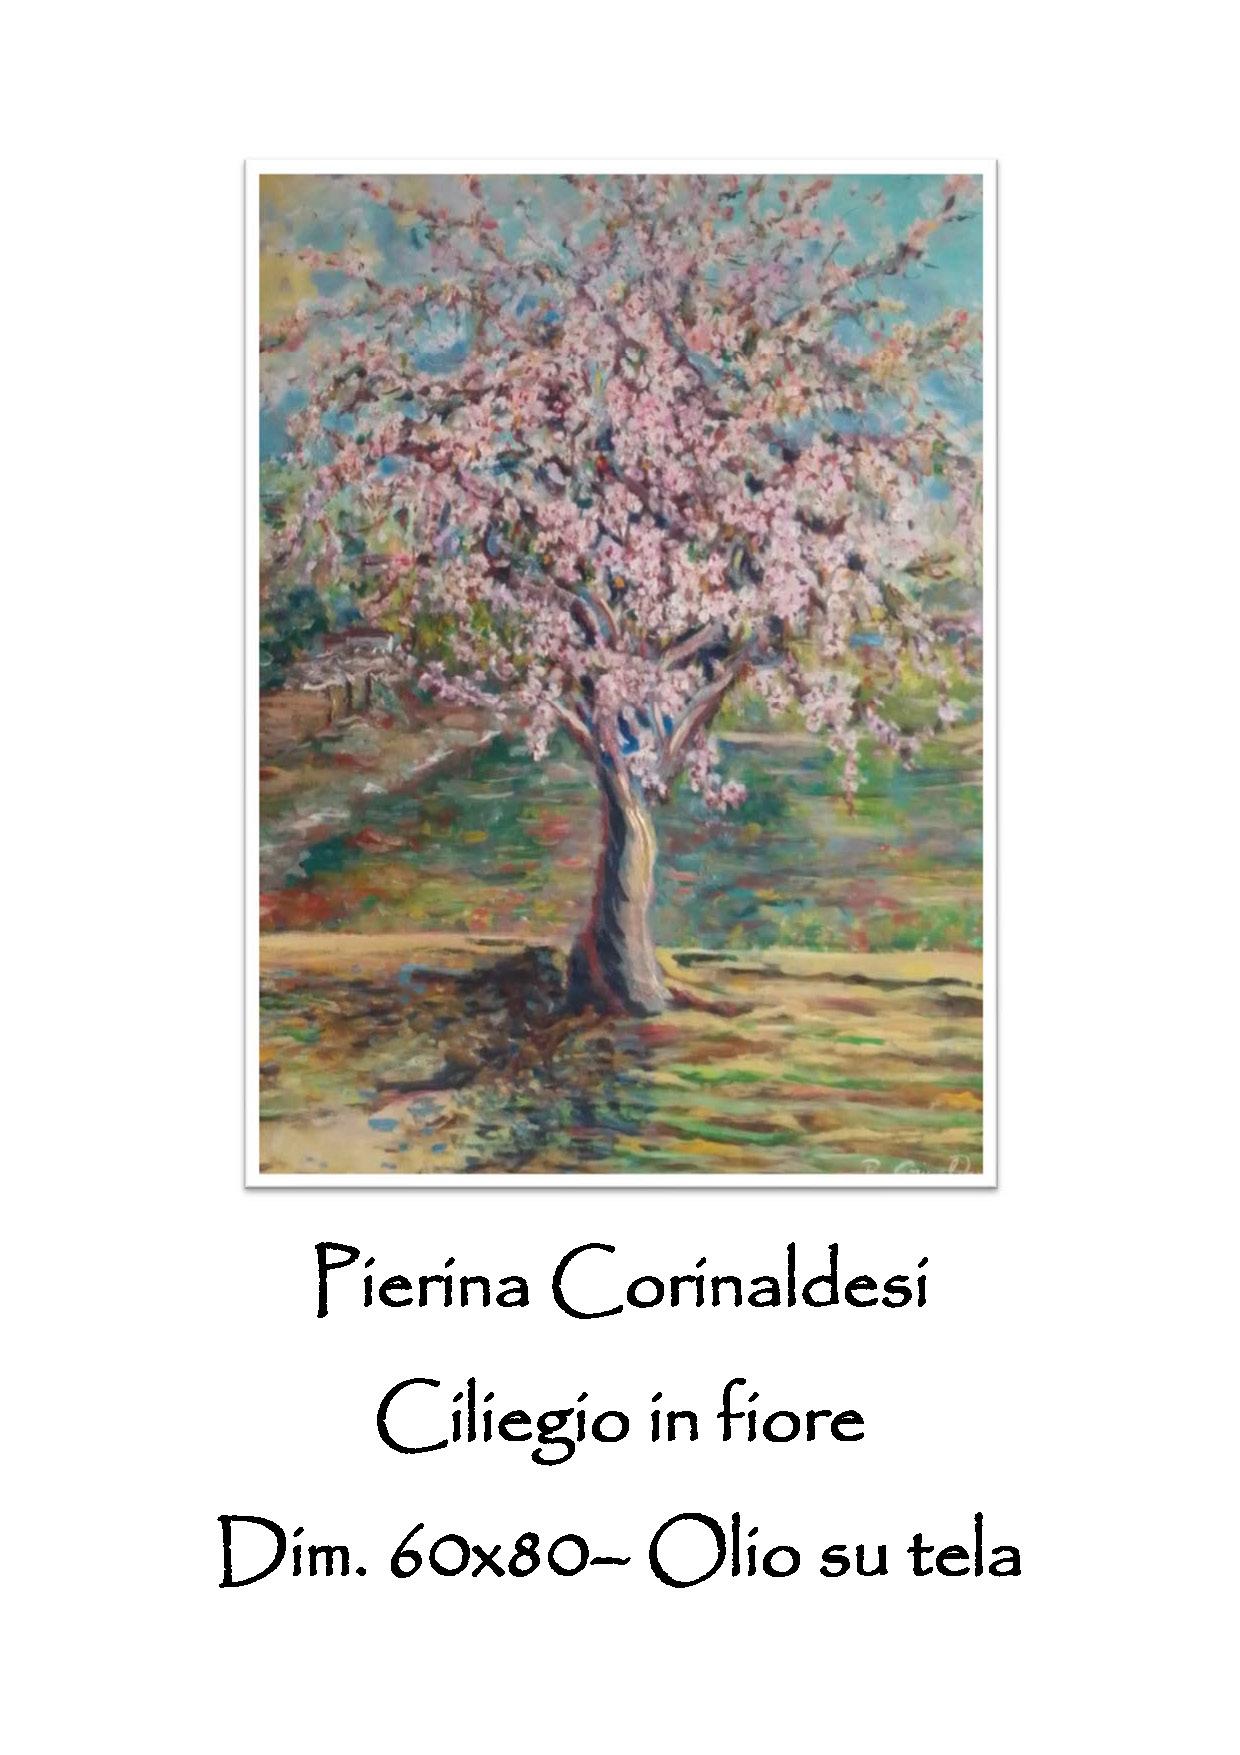 http://www.proartpiagge.it/wp-content/uploads/2020/04/Pierina-.jpg